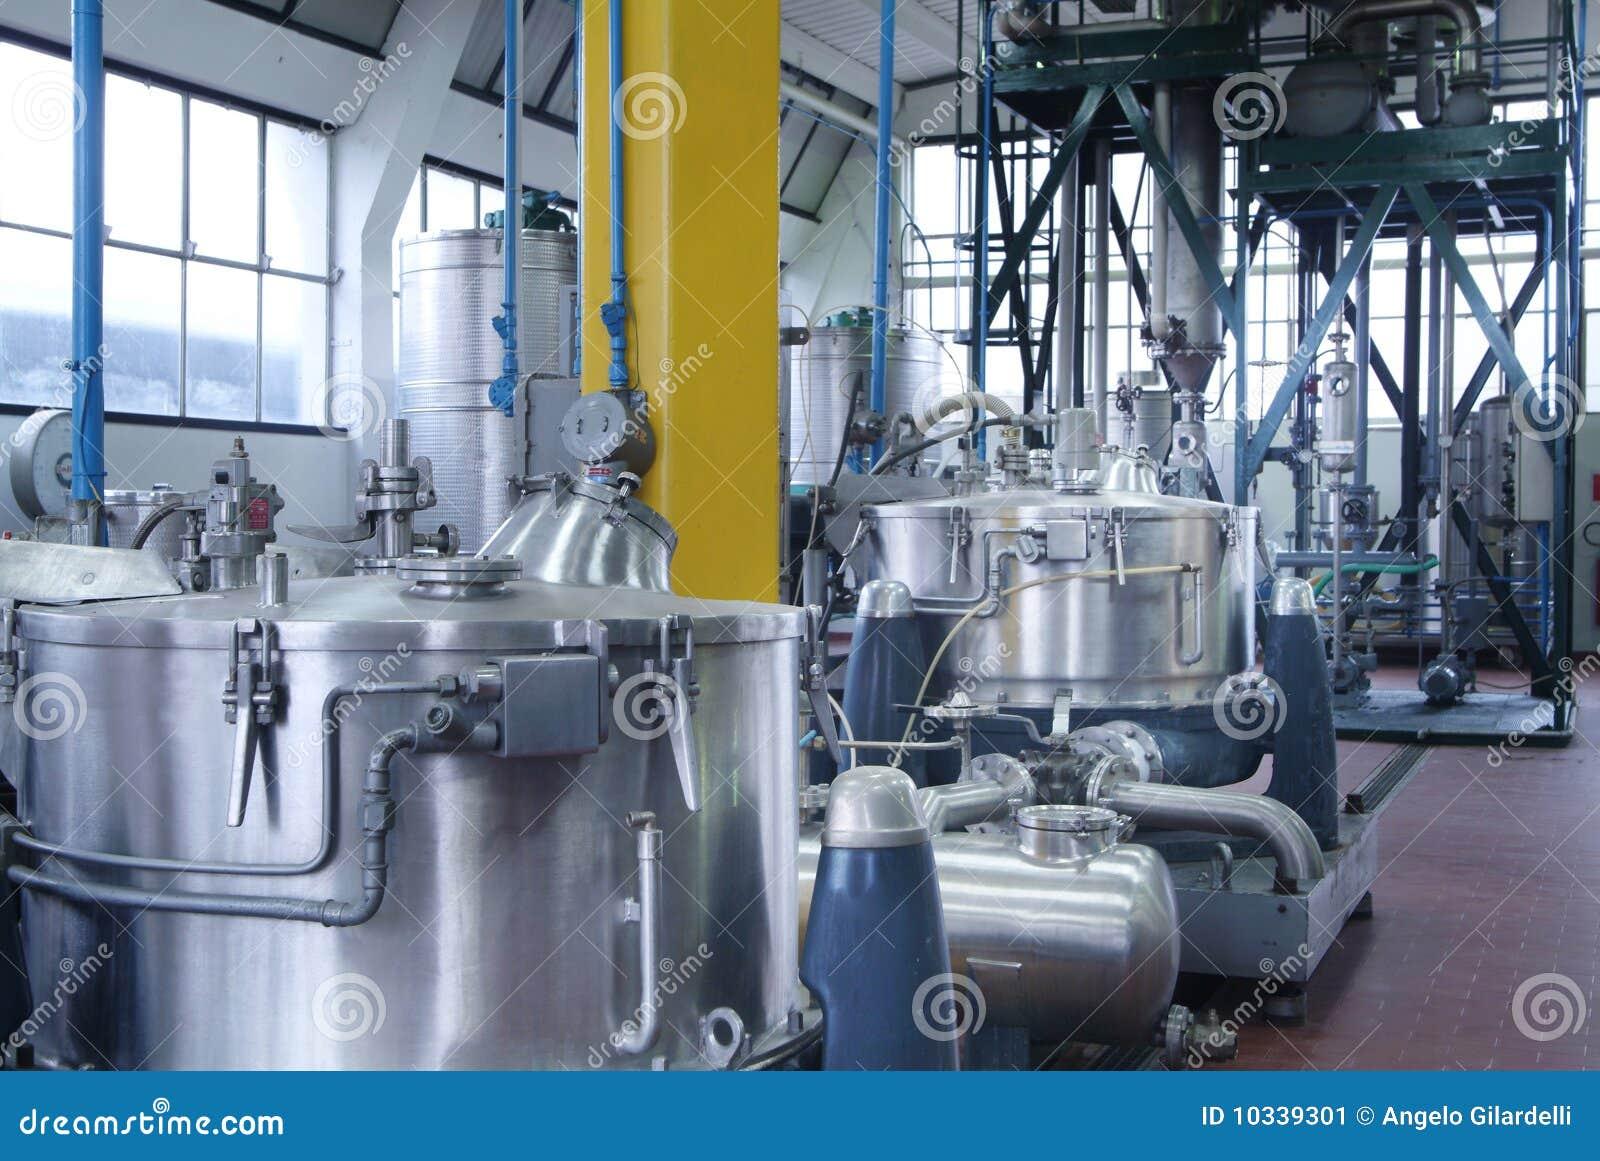 De chemische industrie